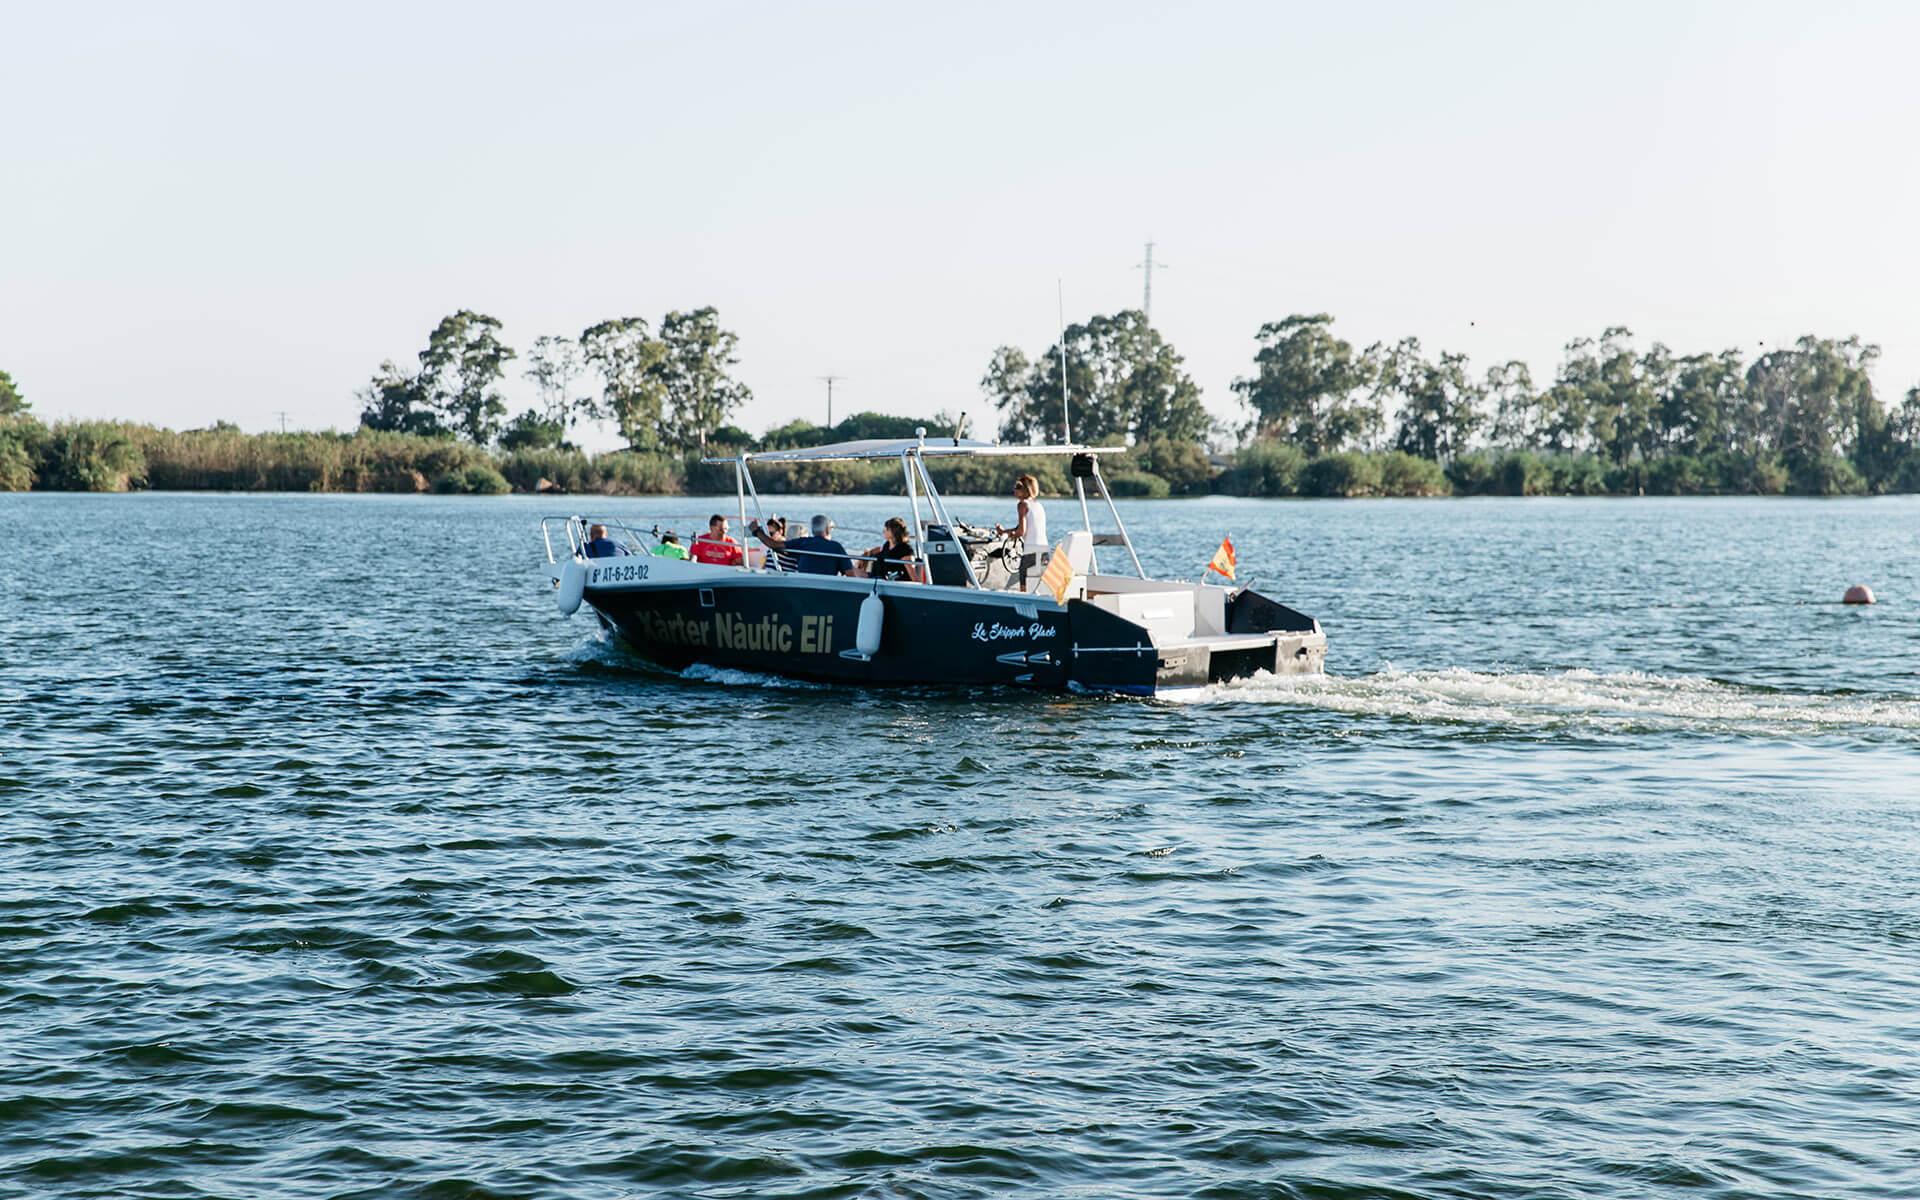 El embrujo del Delta: Explorar el Ebro en lancha